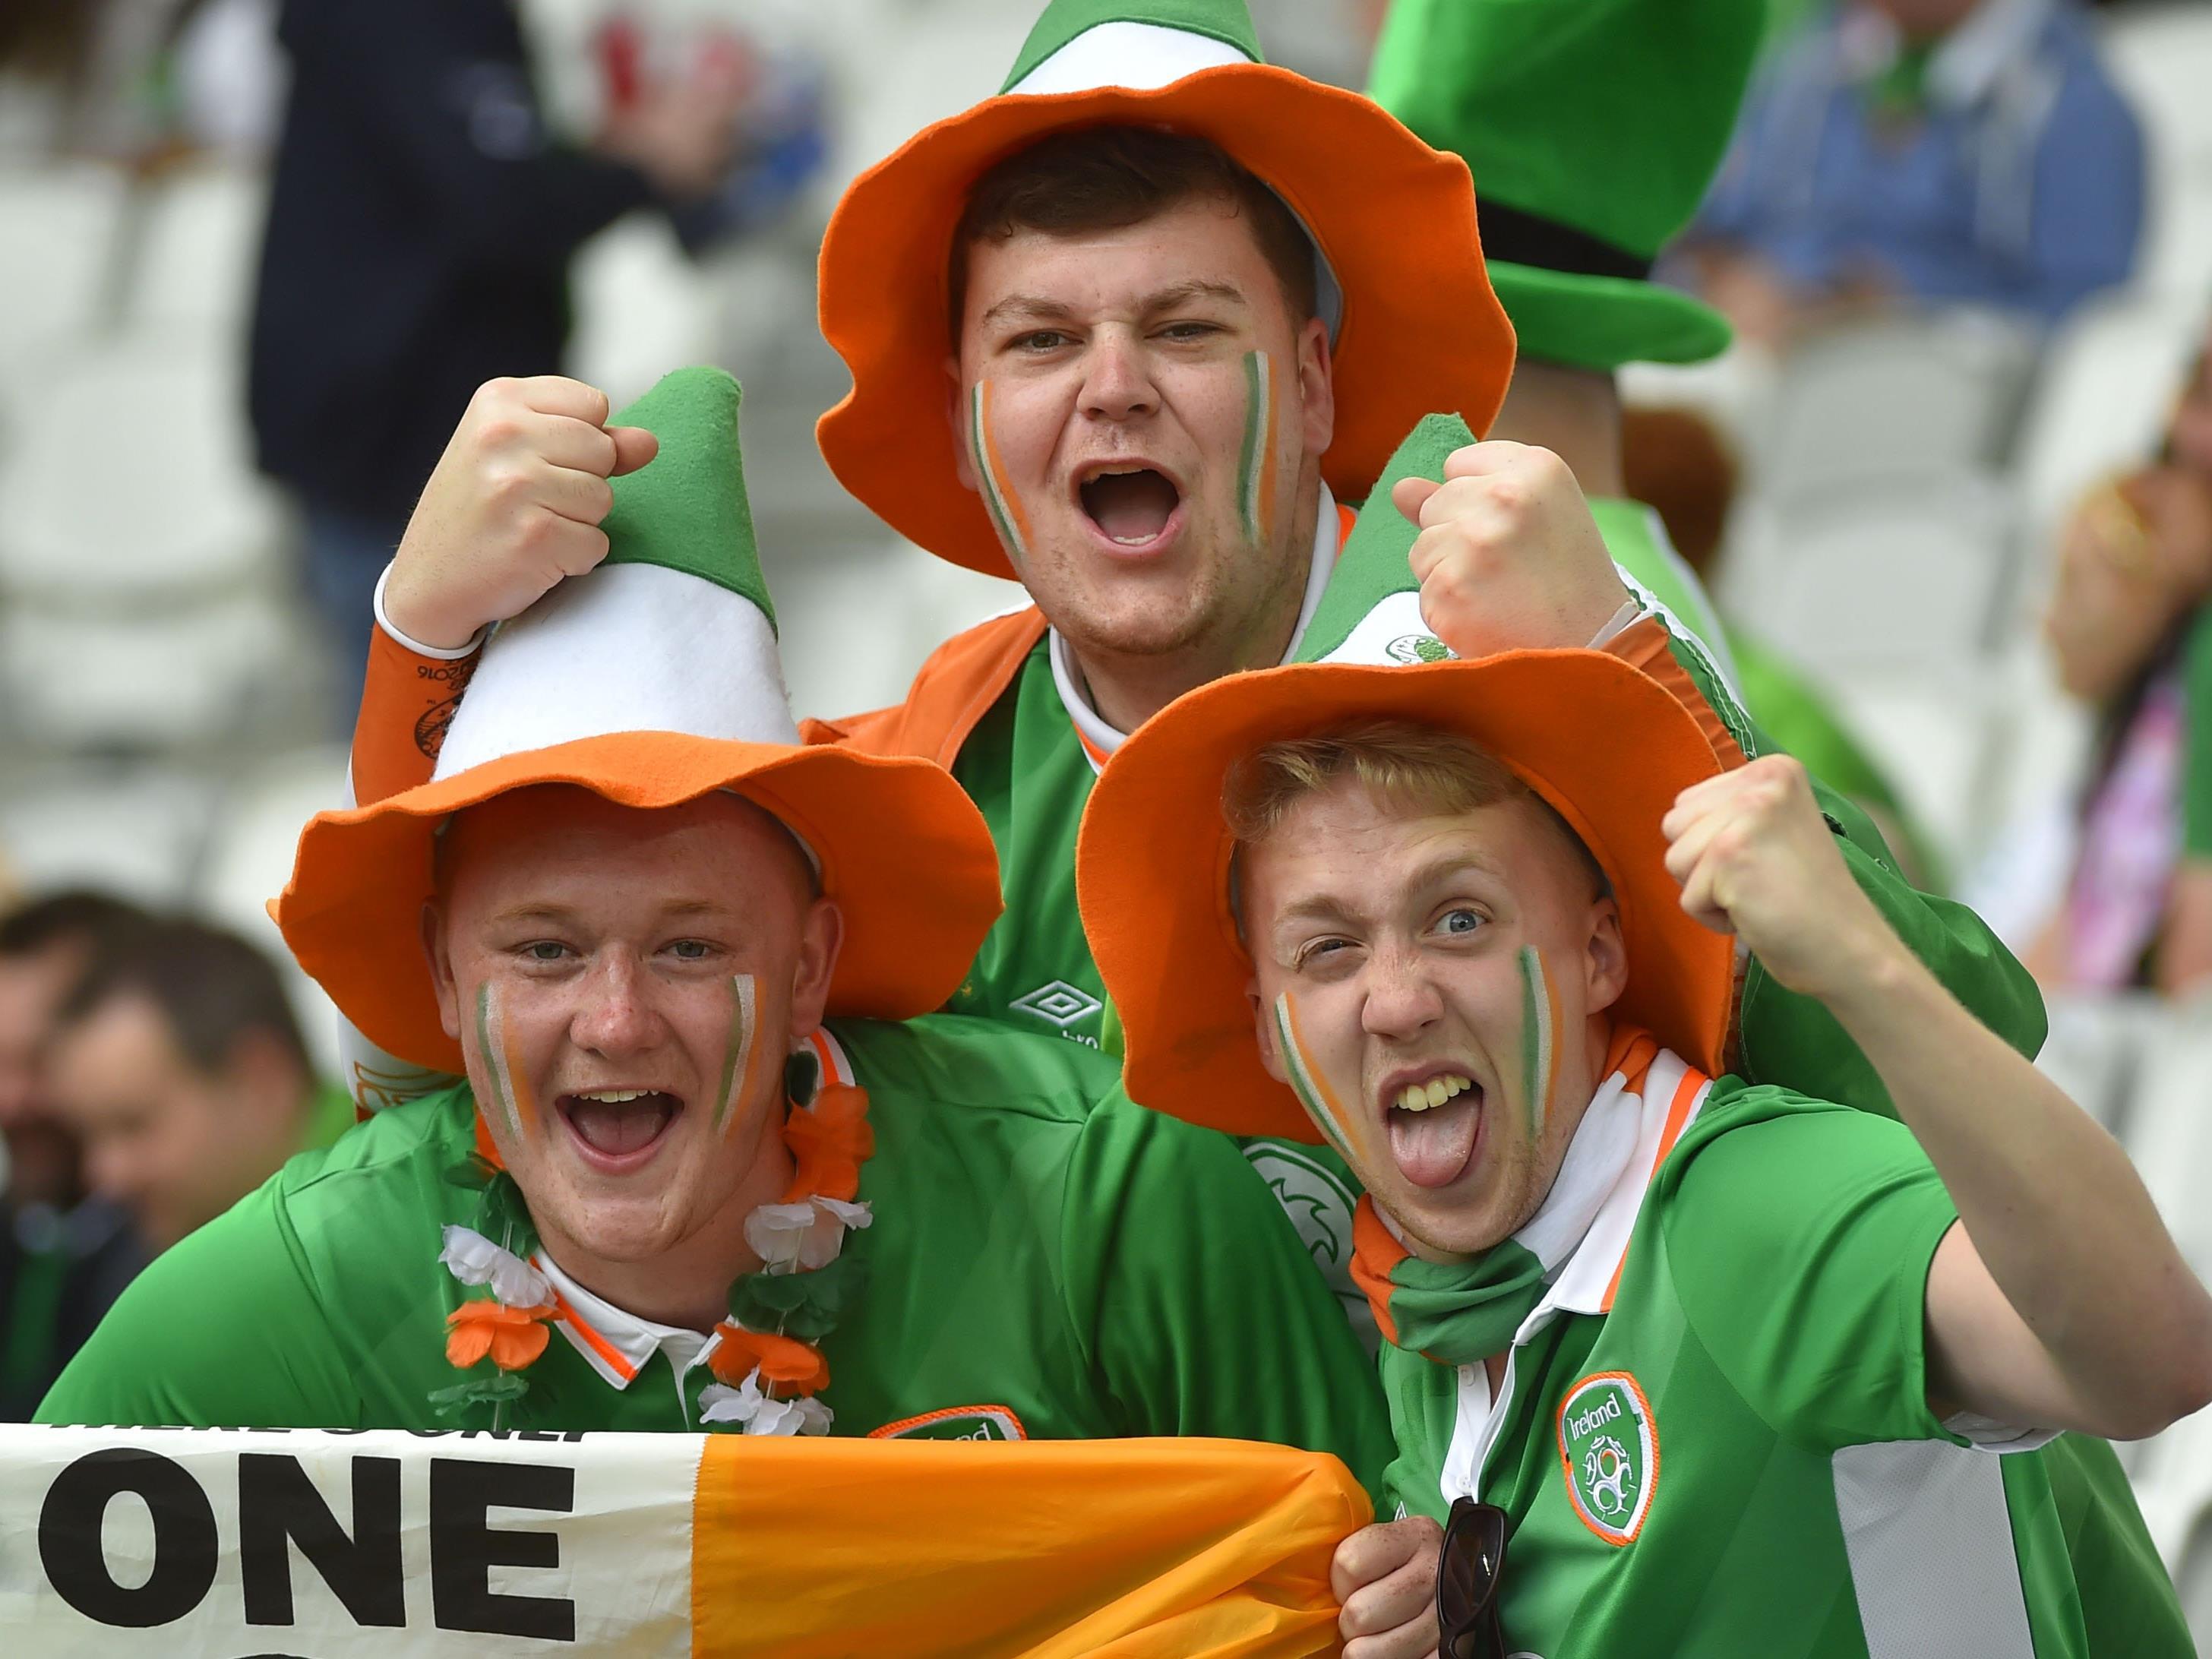 Verrückt und sympathisch: Die irischen Fußballfans.